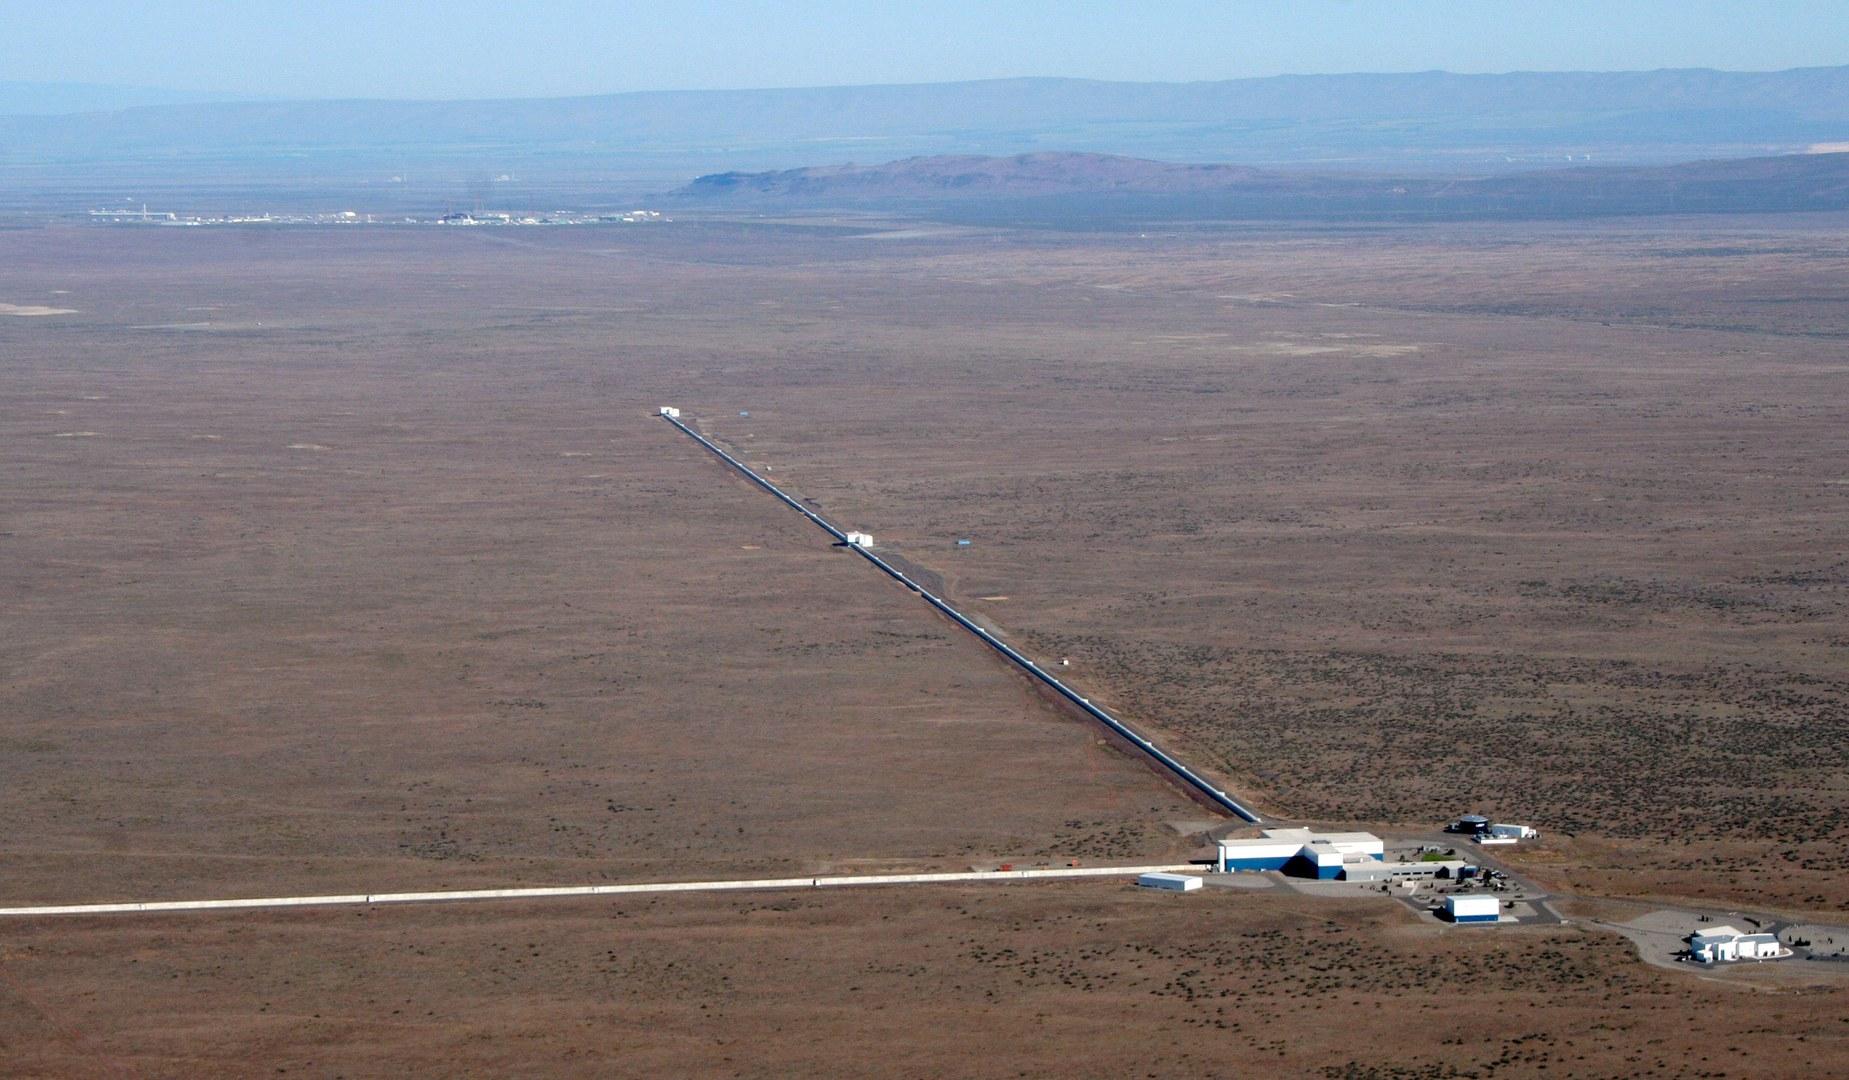 LIGO_Aerial5.jpg